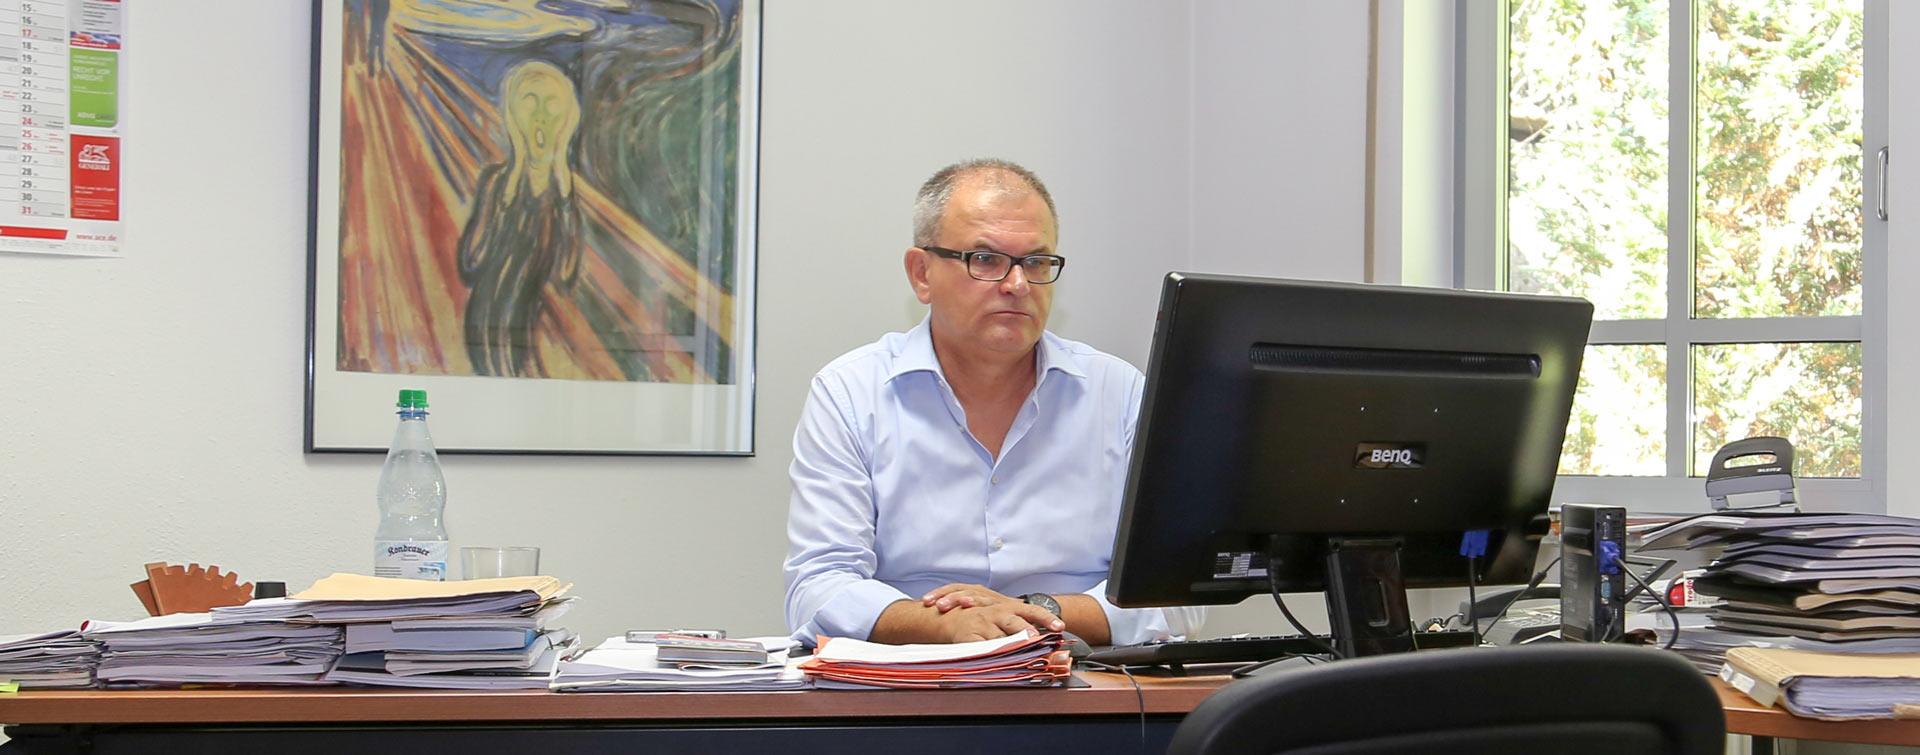 Rechtsanwalt Robert Haslbeck in seiner Kanzlei in Dingolfing